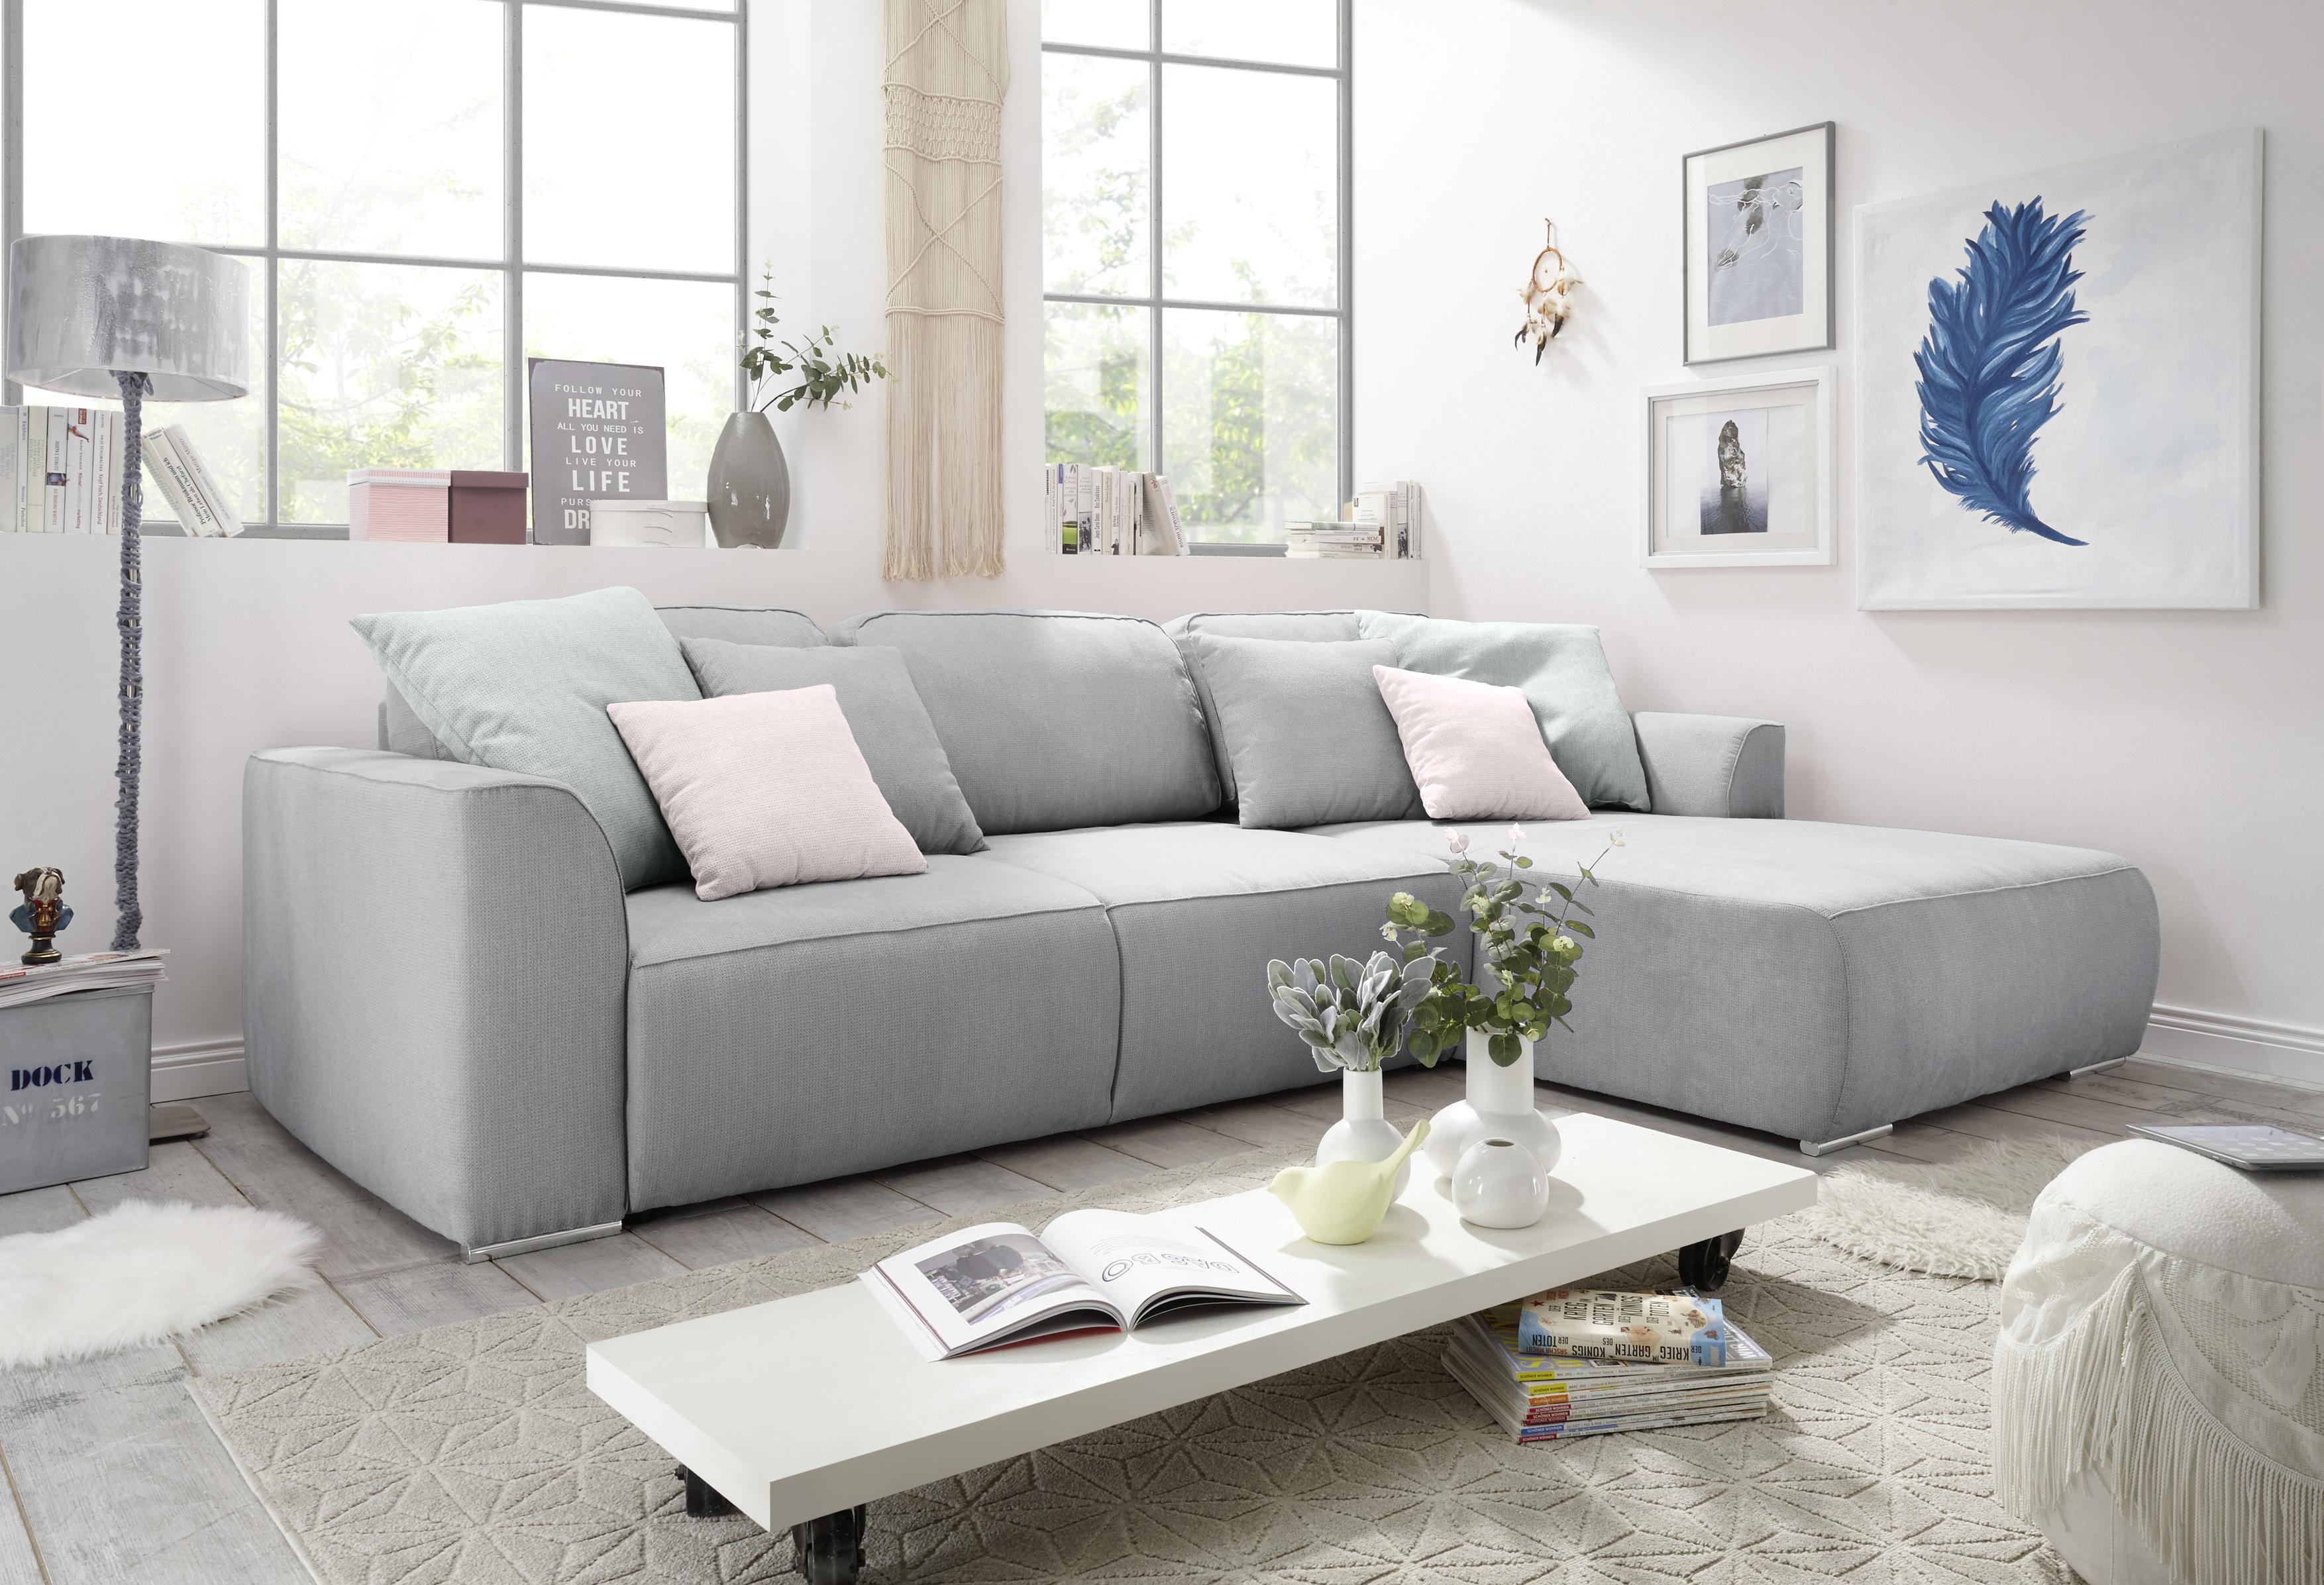 Ecksofa Lazy Couch Schlafcouch Schlafsofa Funktionssofa Ausziehbar Grau L Form Ebay